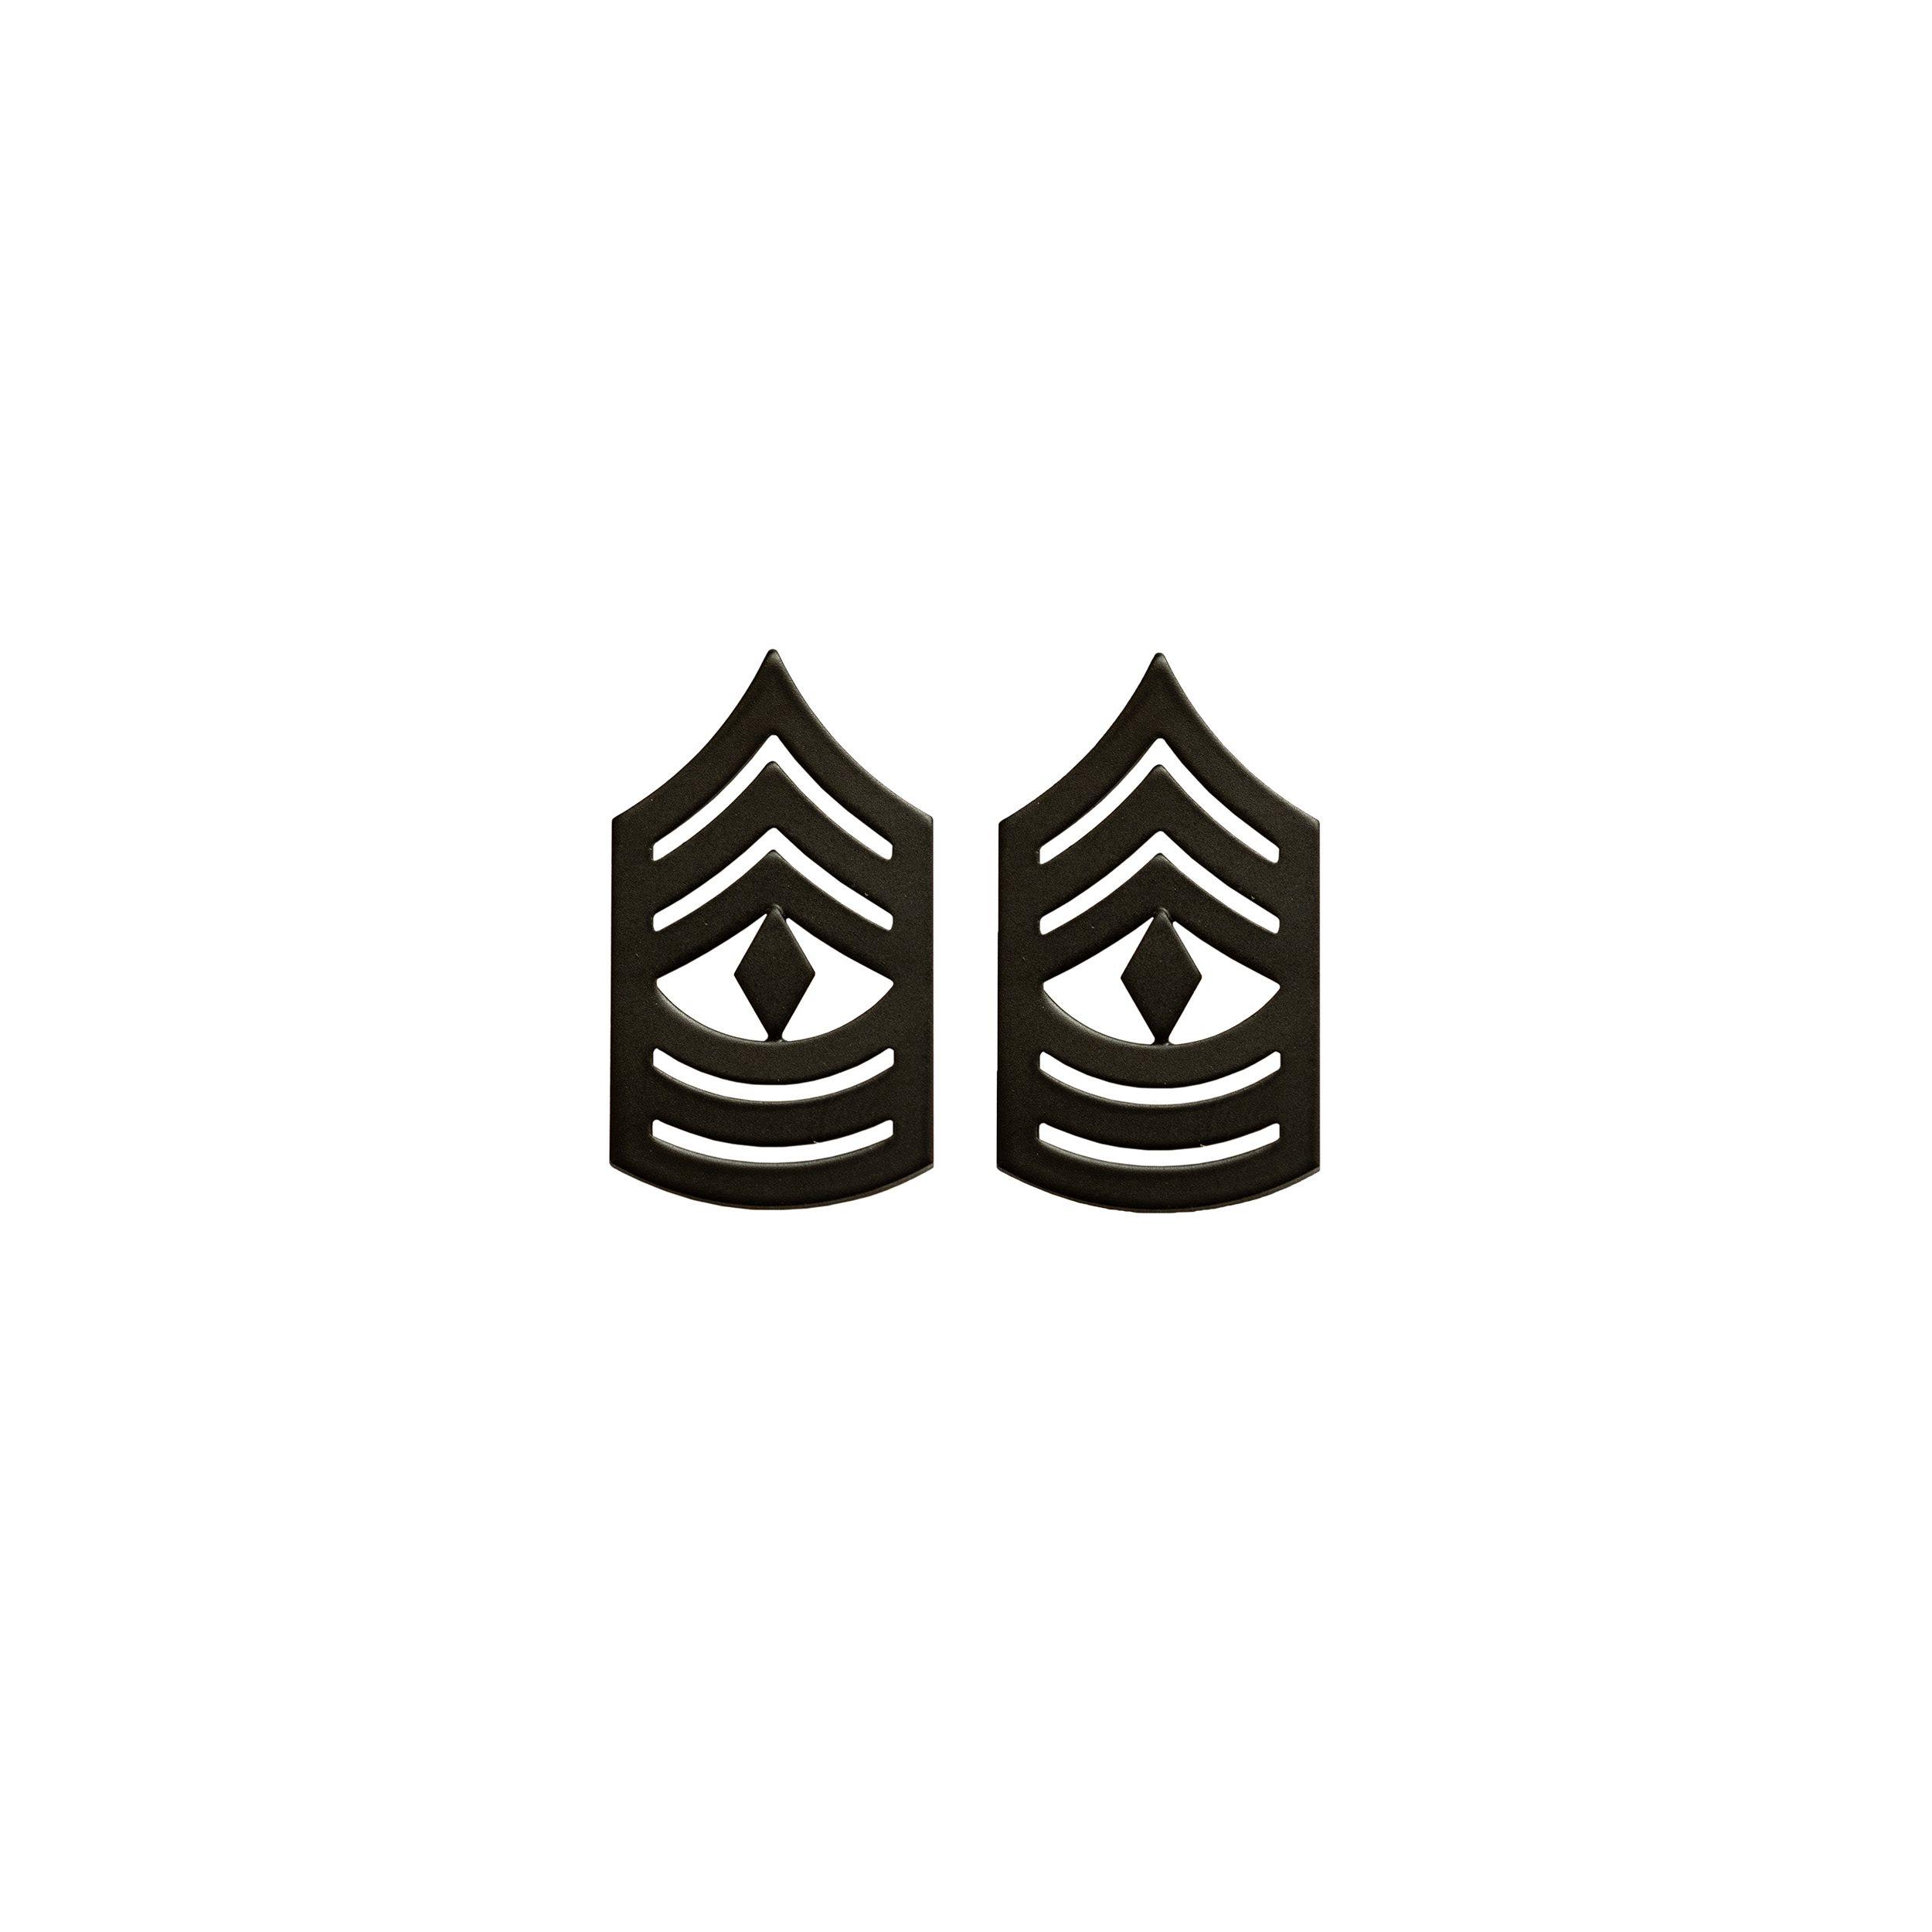 Odznak hodnostní USMC - 1stSgt. - ČERNÝ